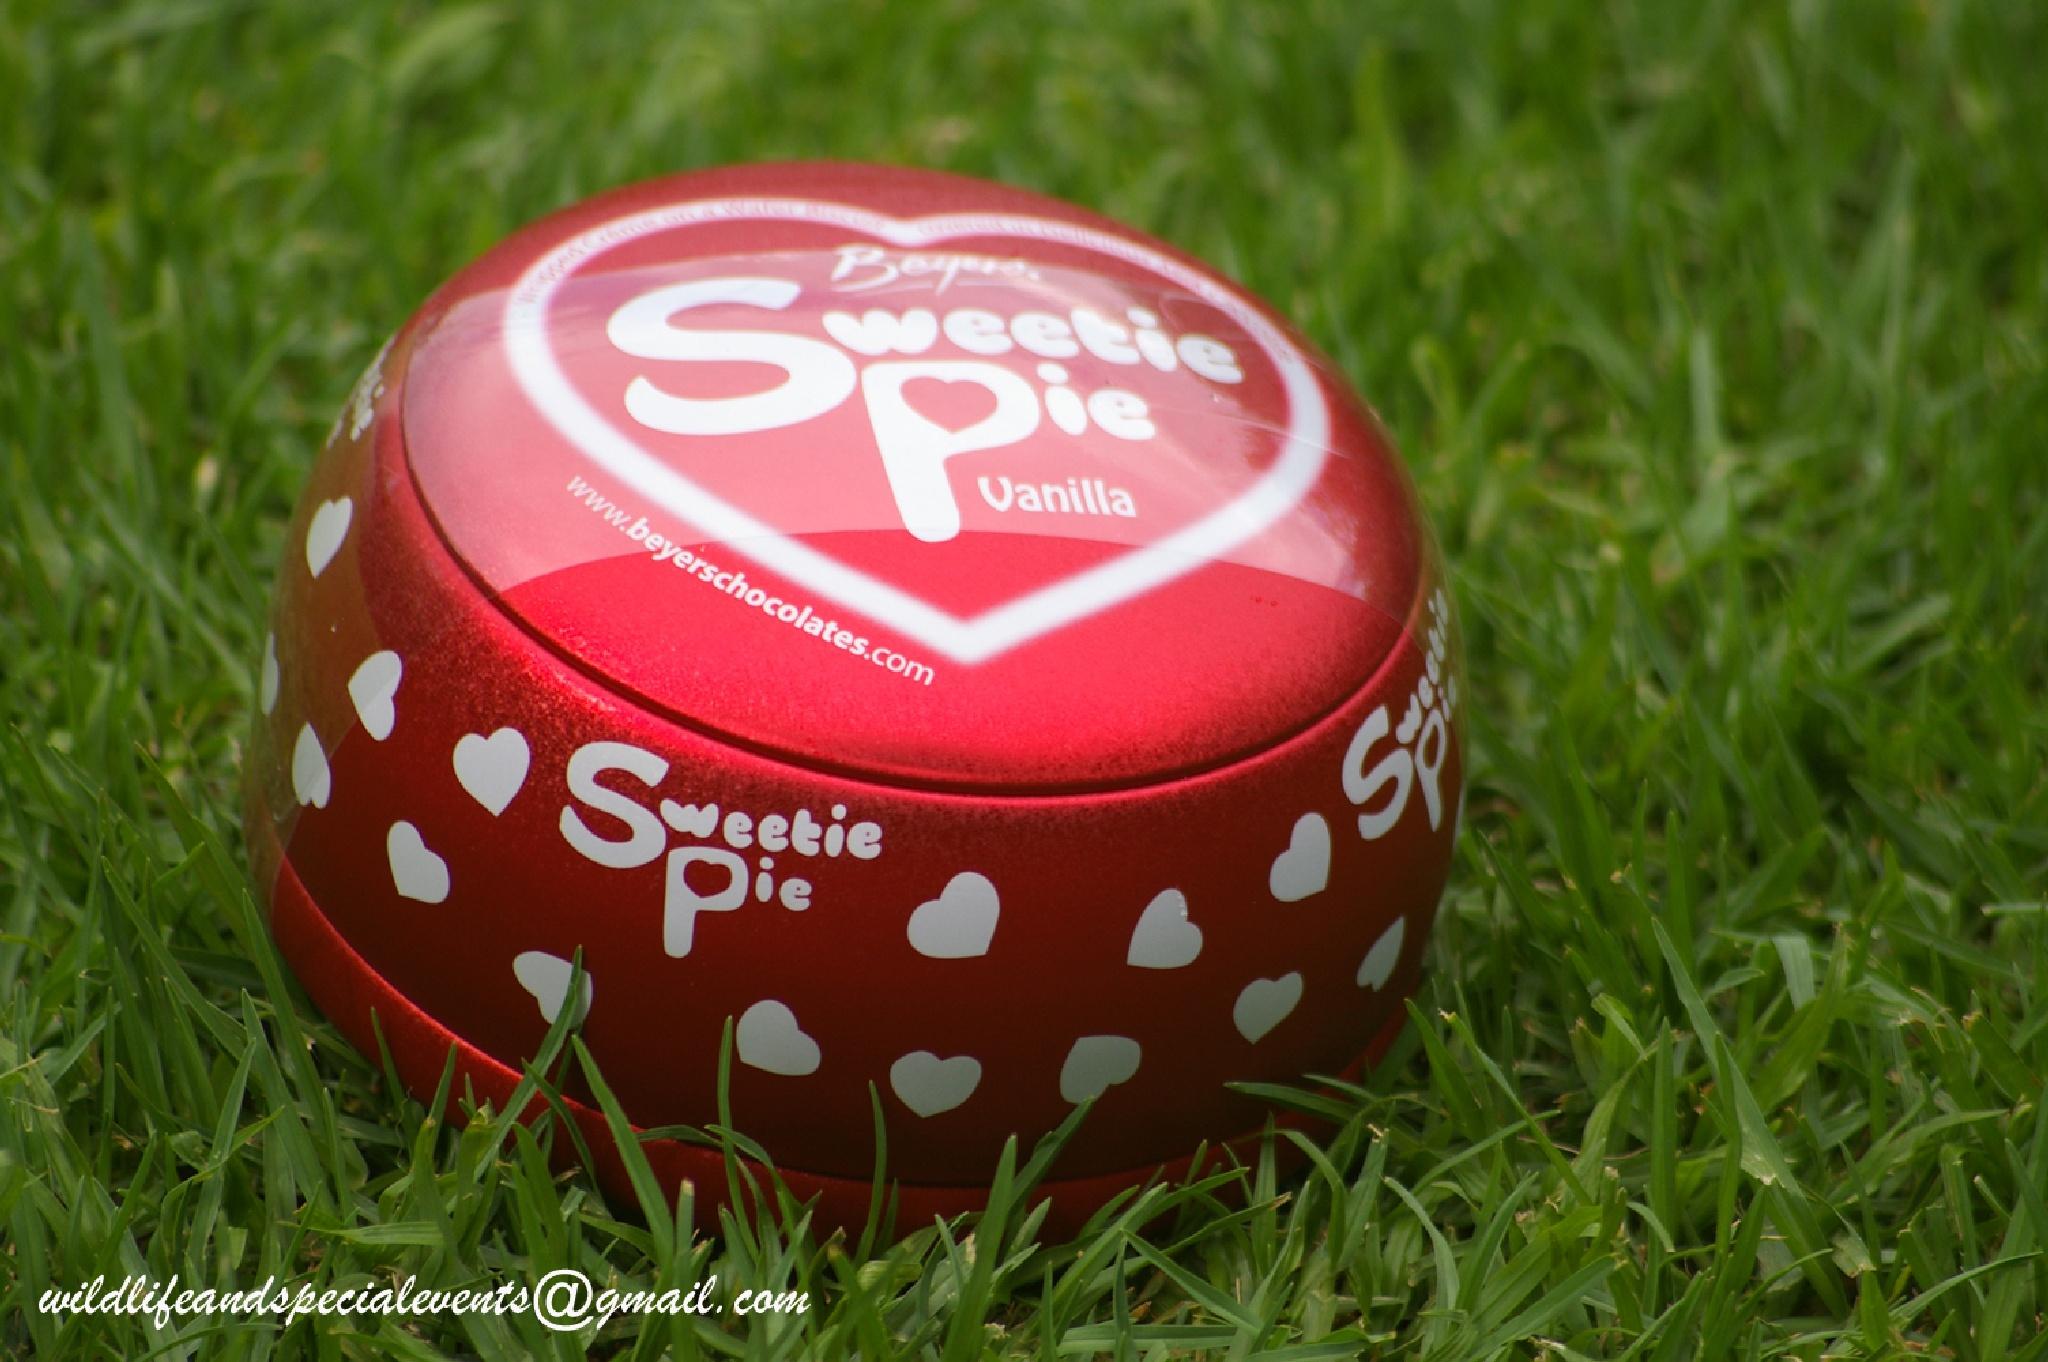 Sweetie Pie by oosie